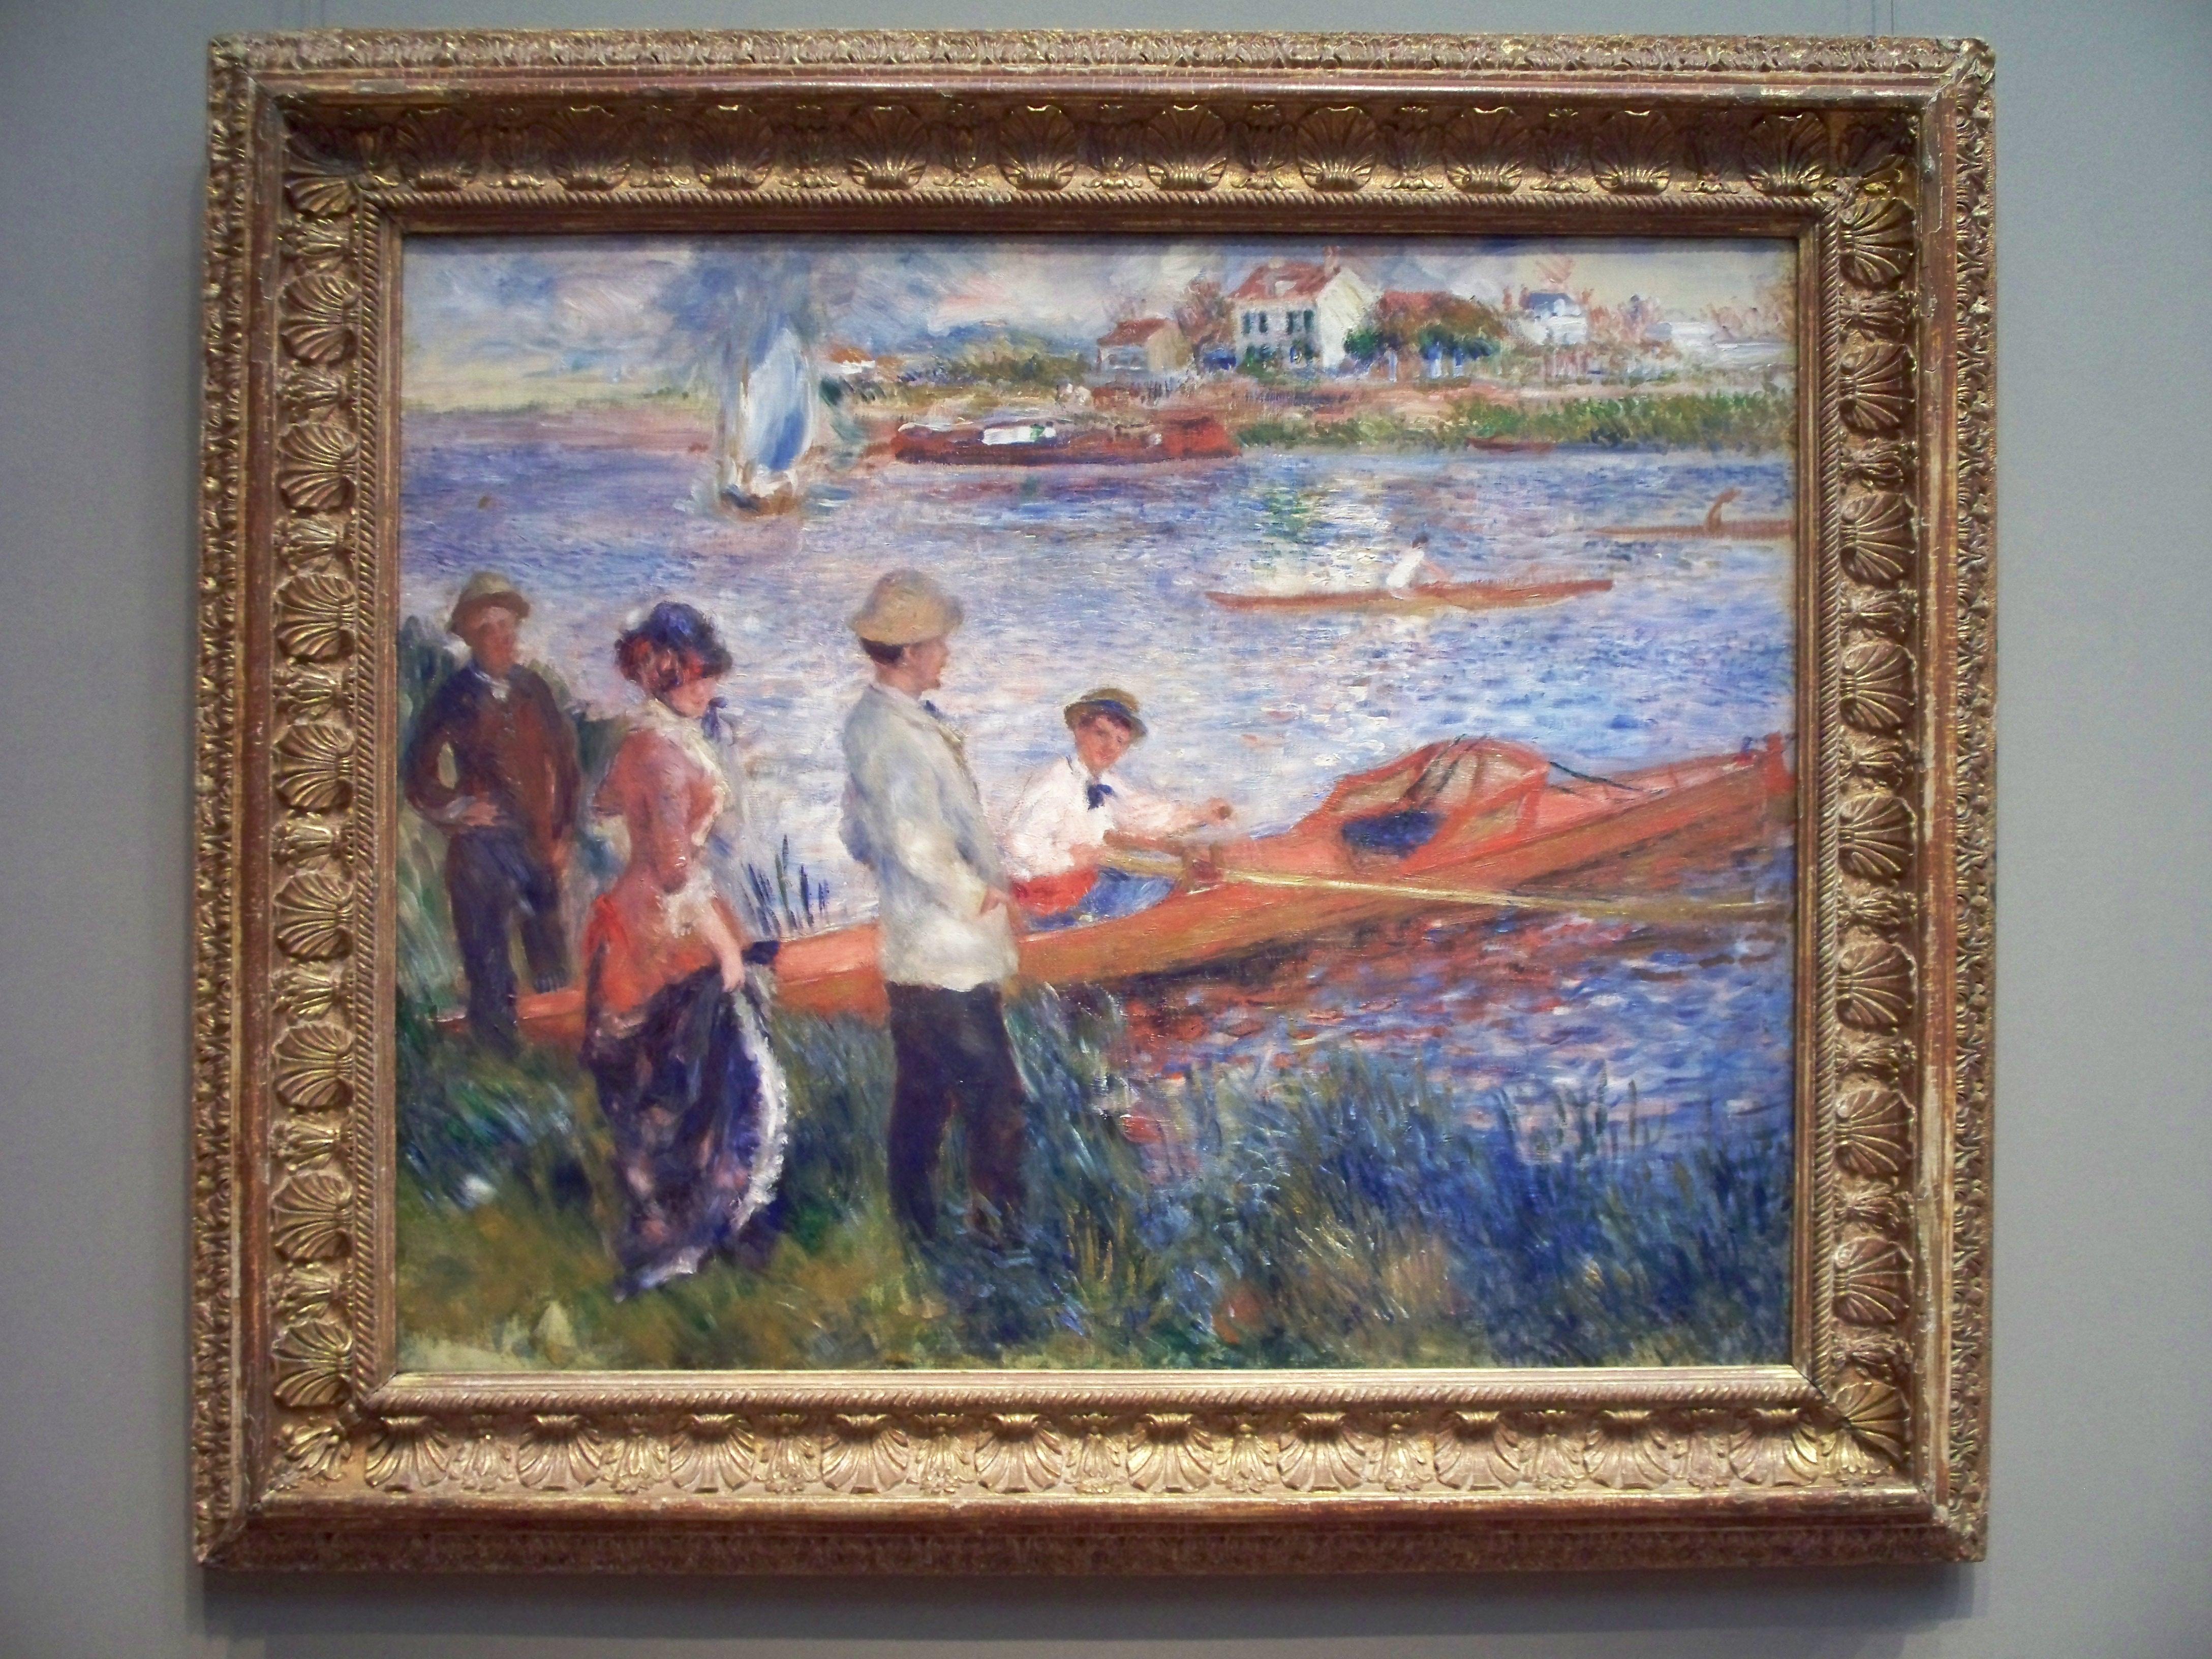 Oarsmen at Chatou, Auguste Renoir